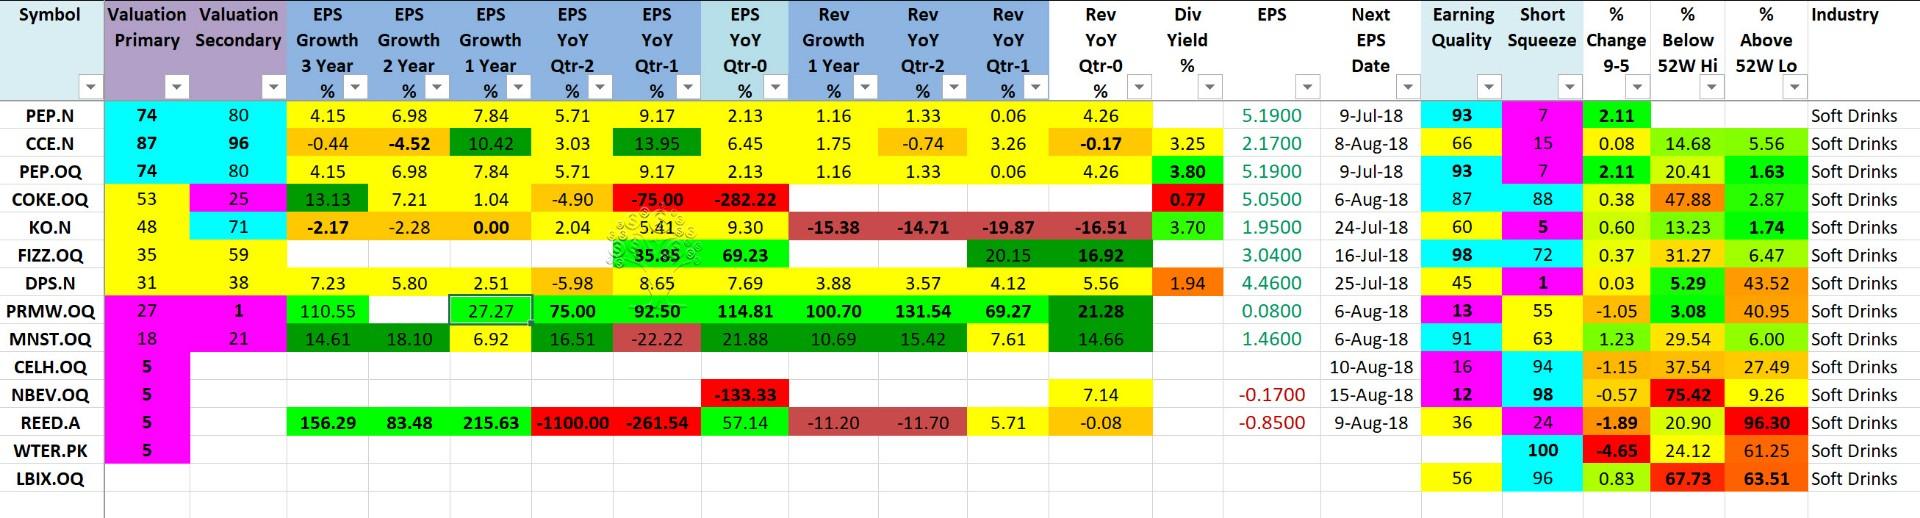 PEP Vital Statistics.jpg